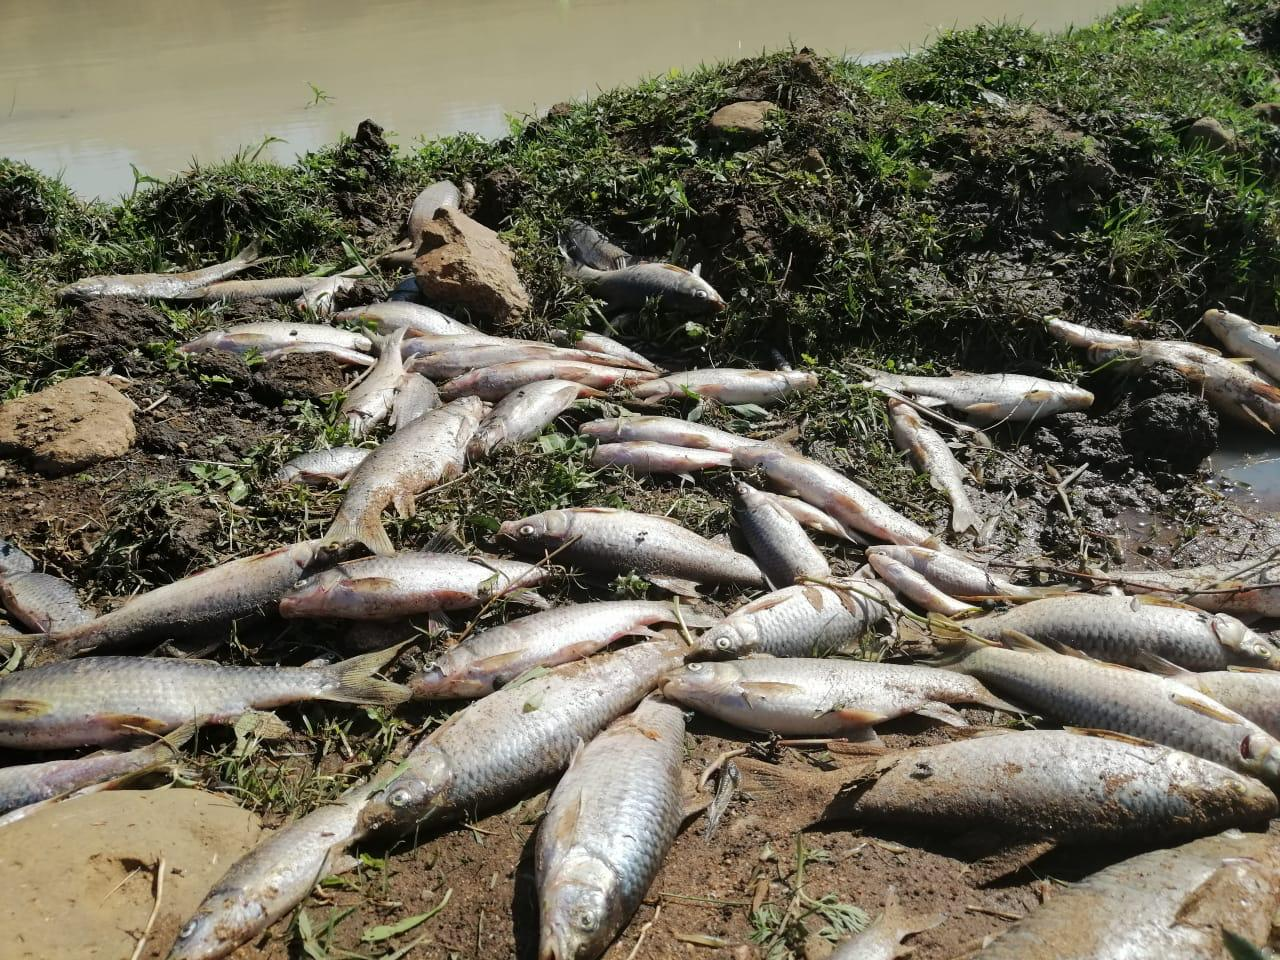 Rampfonds benodig om KZN-riviervulling skoon te maak - Daily Maverick